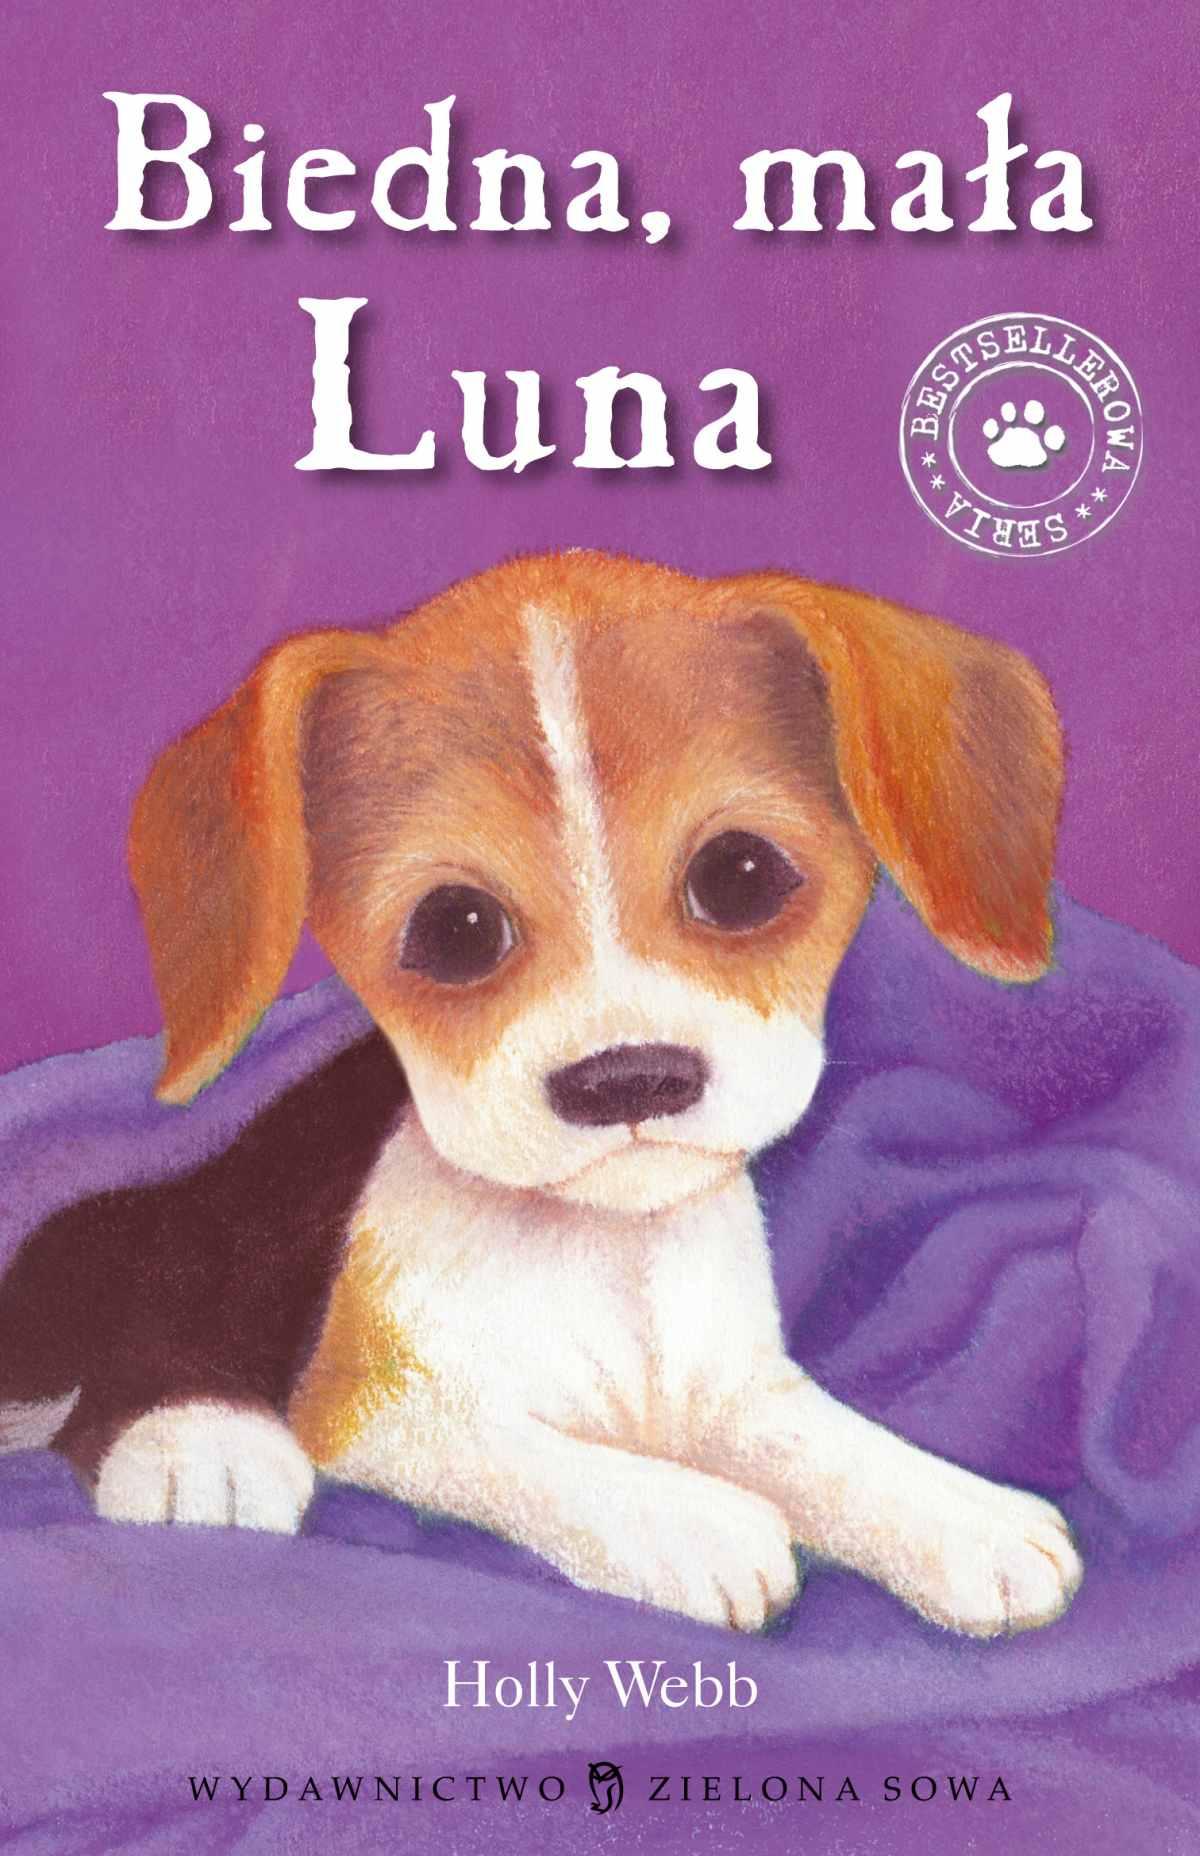 Biedna, mała Luna - Ebook (Książka EPUB) do pobrania w formacie EPUB